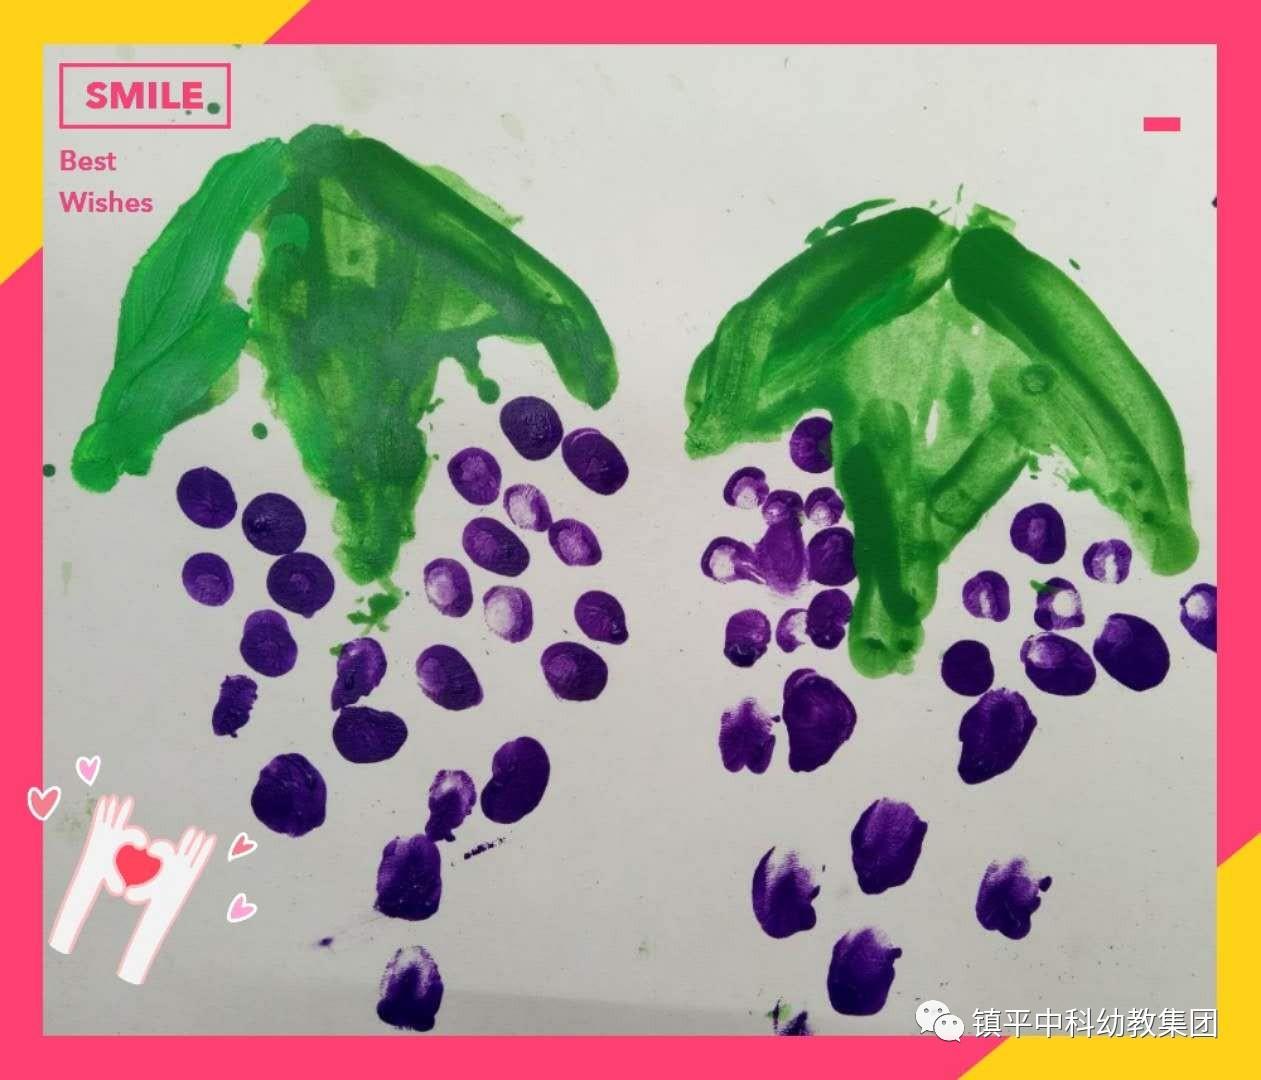 园教师拼贴画_中科幼儿园的小朋友在老师的带领下,自由创作秋叶拼贴画,一起欣赏吧!